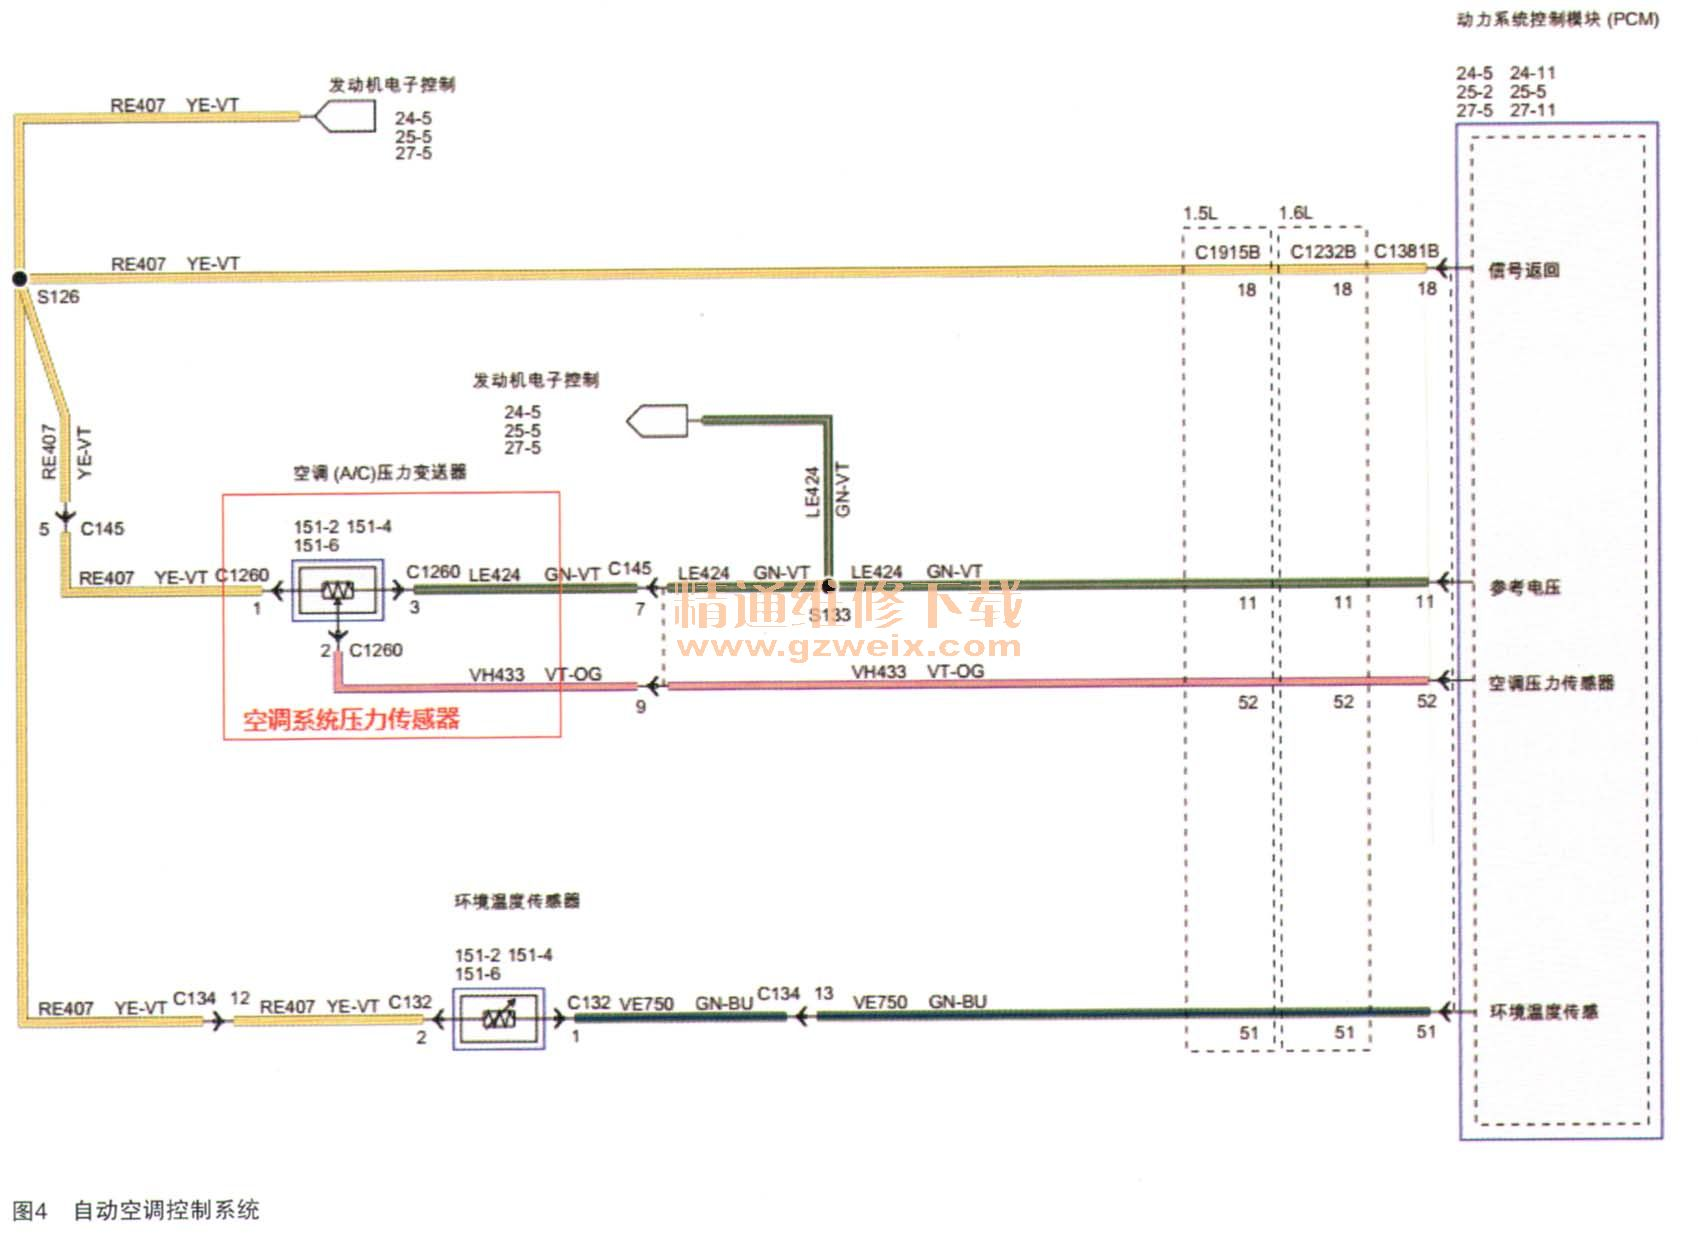 依据线路图如图4所示,检测空调压力传感器到pcm模块之间的线路